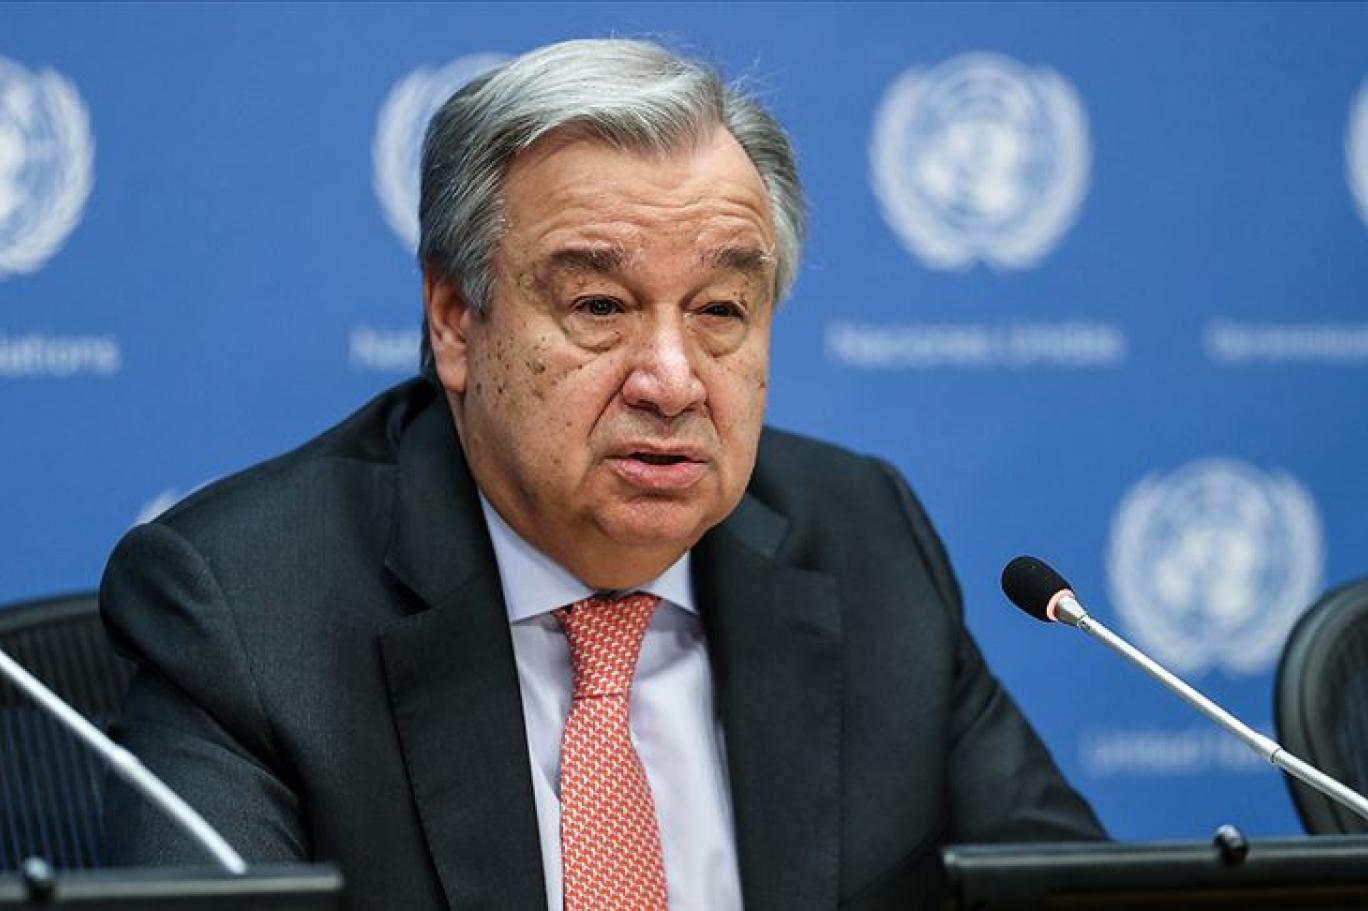 BM Genel Sekreteri: Terörist ve radikal gruplar pandemiden istifade edebilir